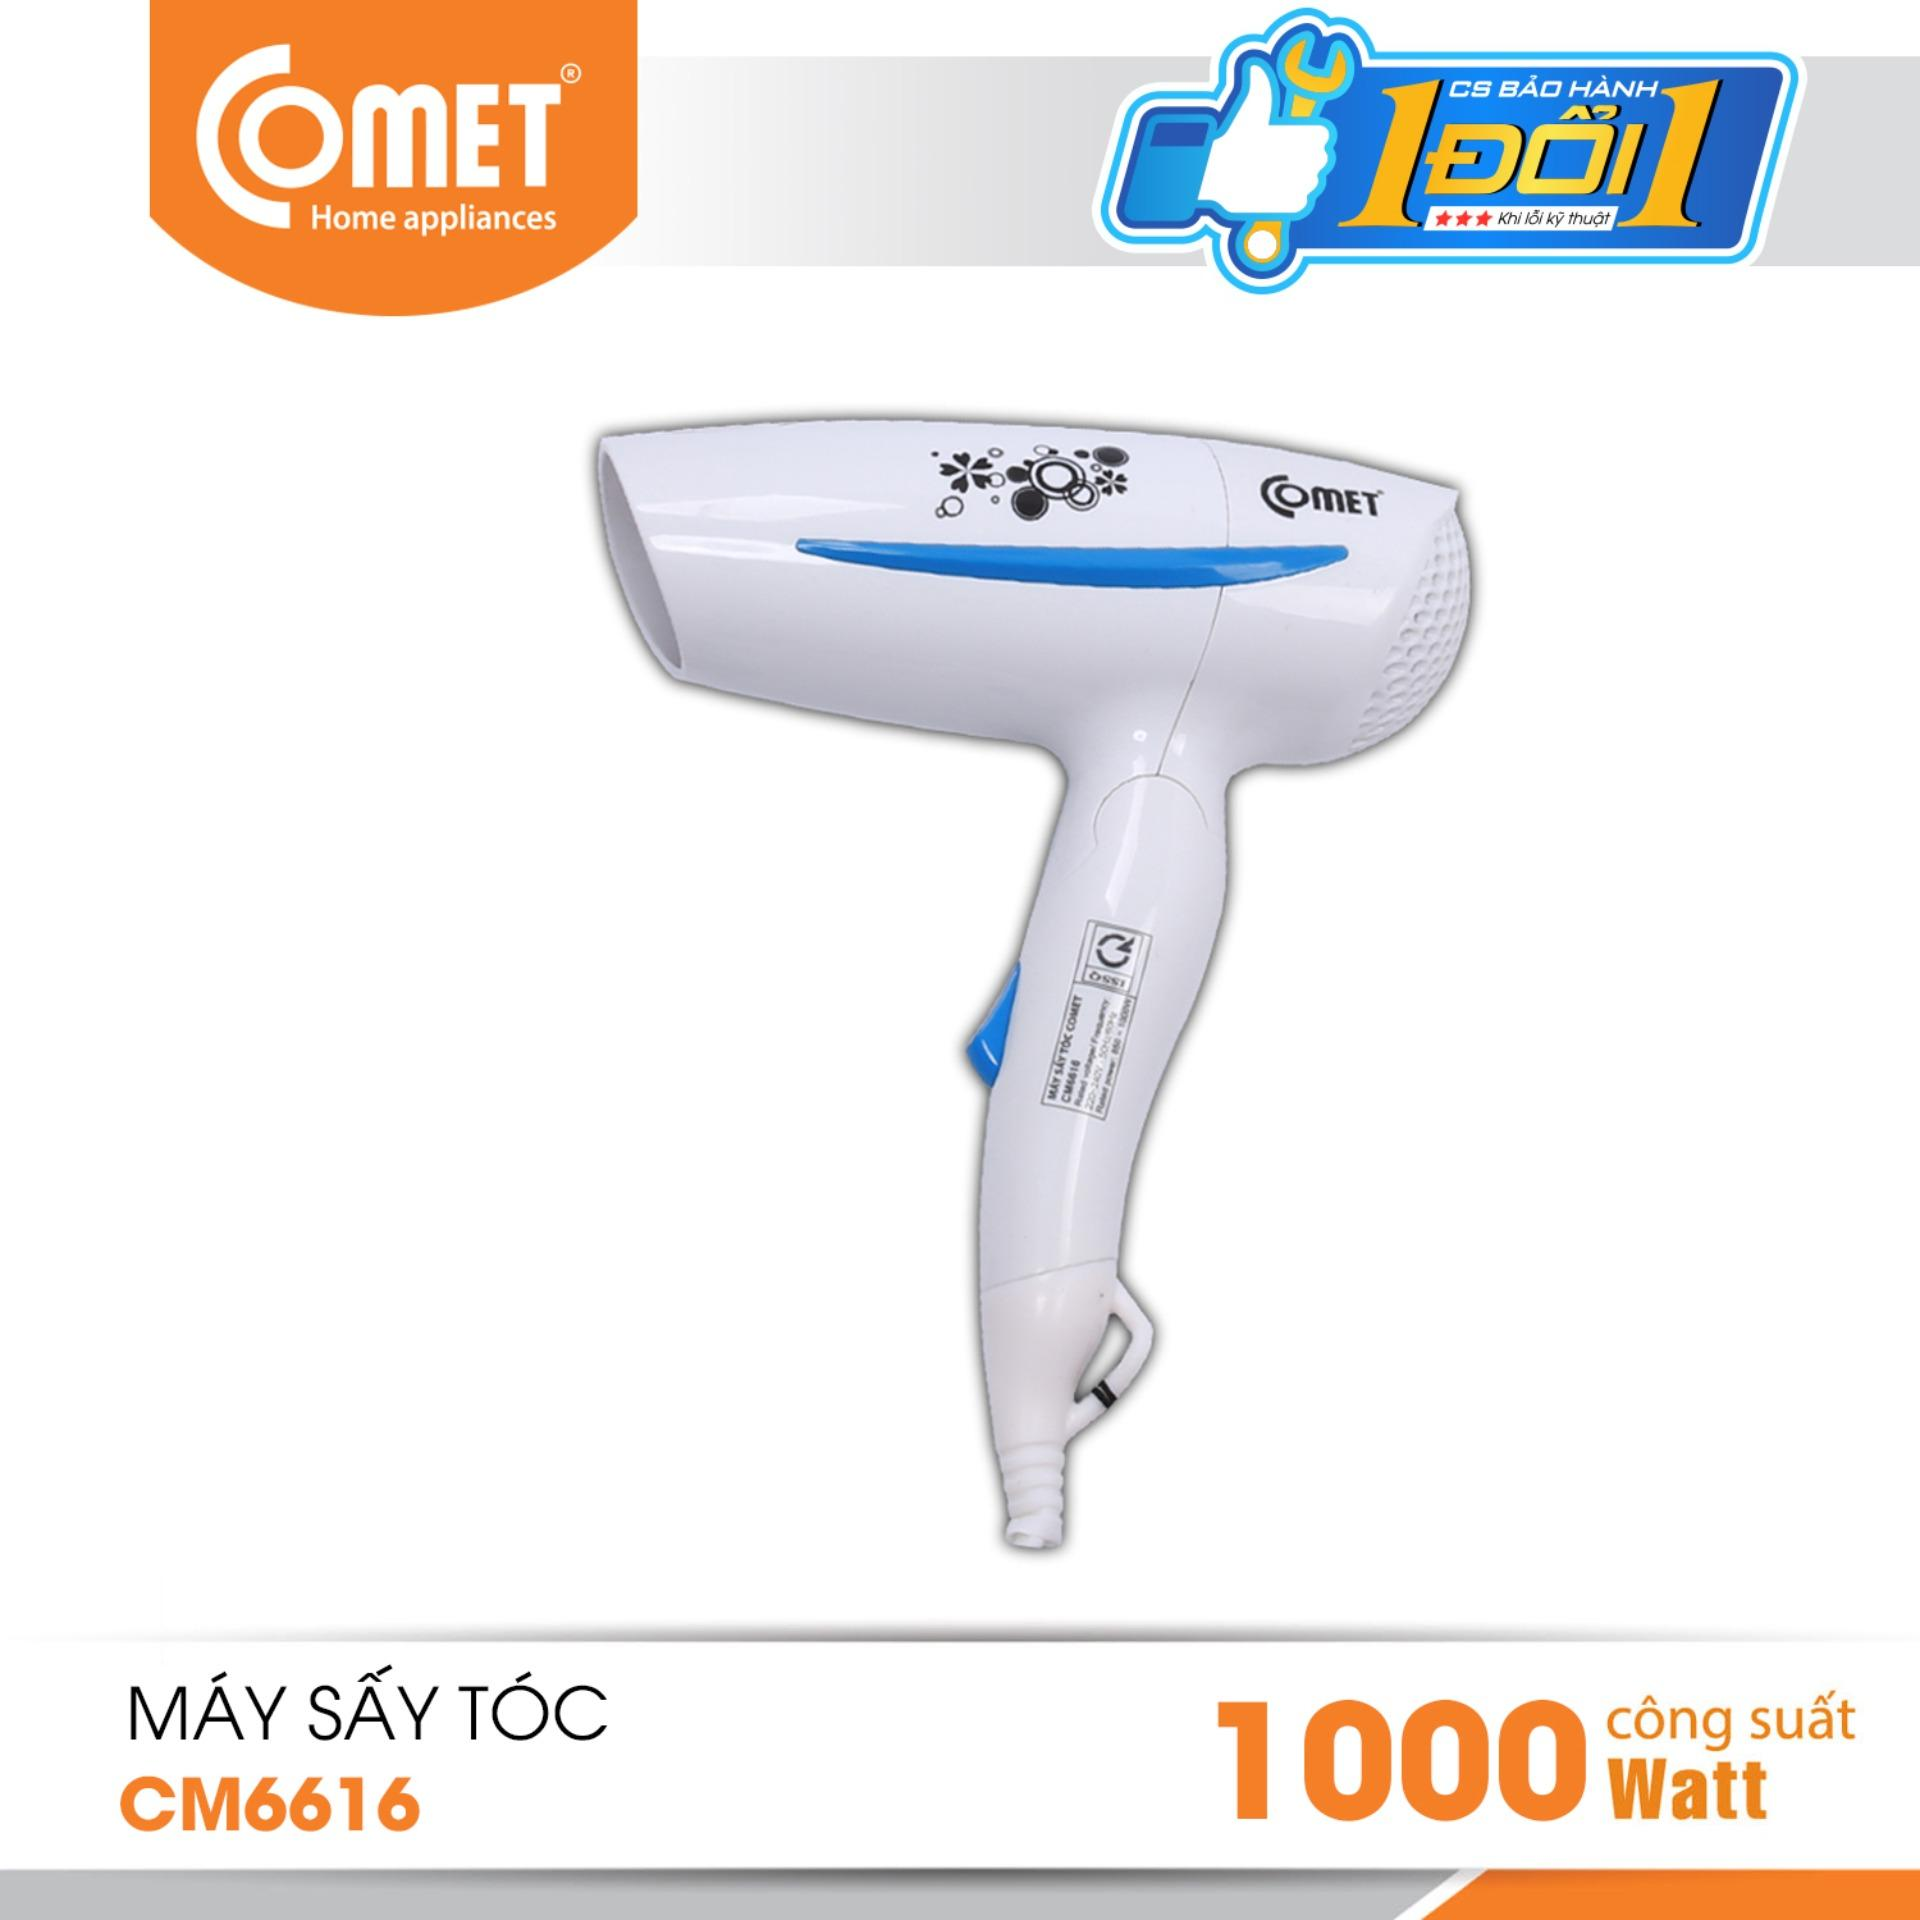 Máy sấy tóc Comet CM6616